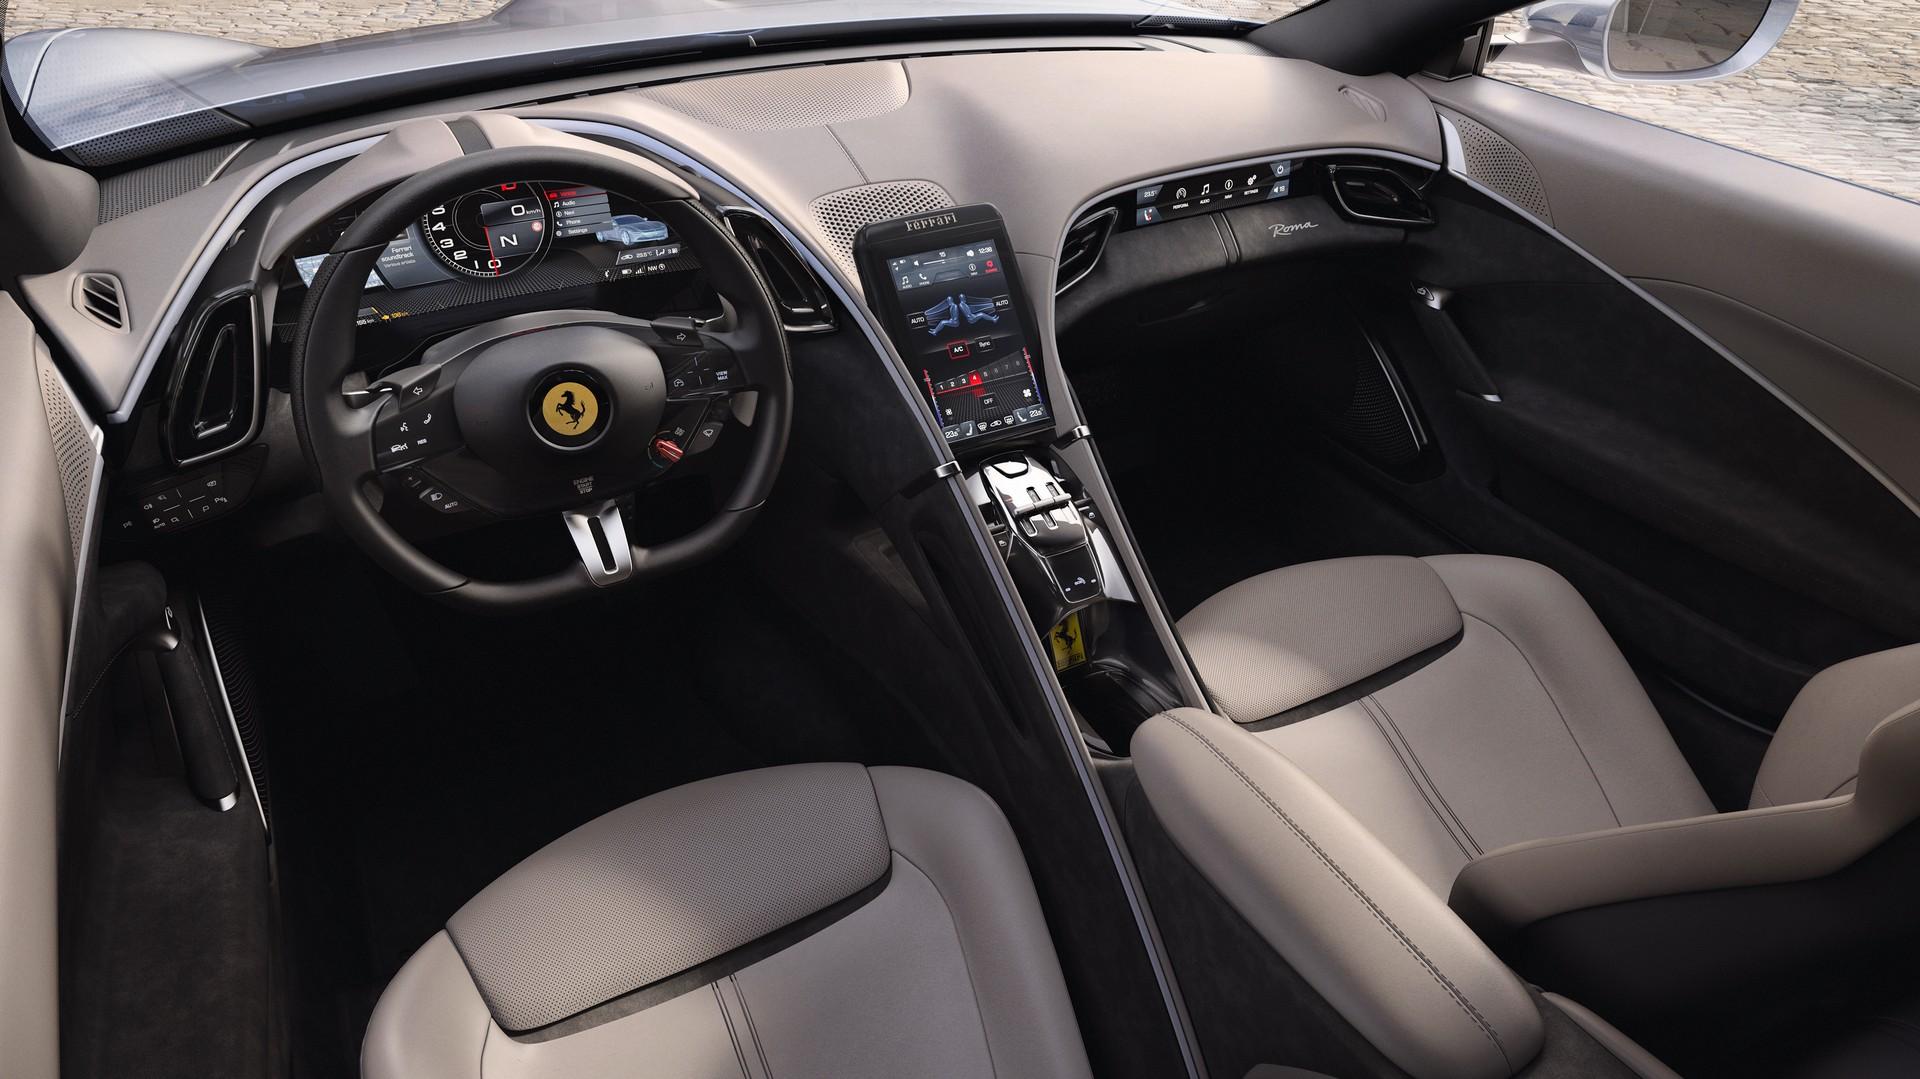 Ferrari công bố chi tiết siêu xe Grand Tourer Roma 612 HP mới - 10